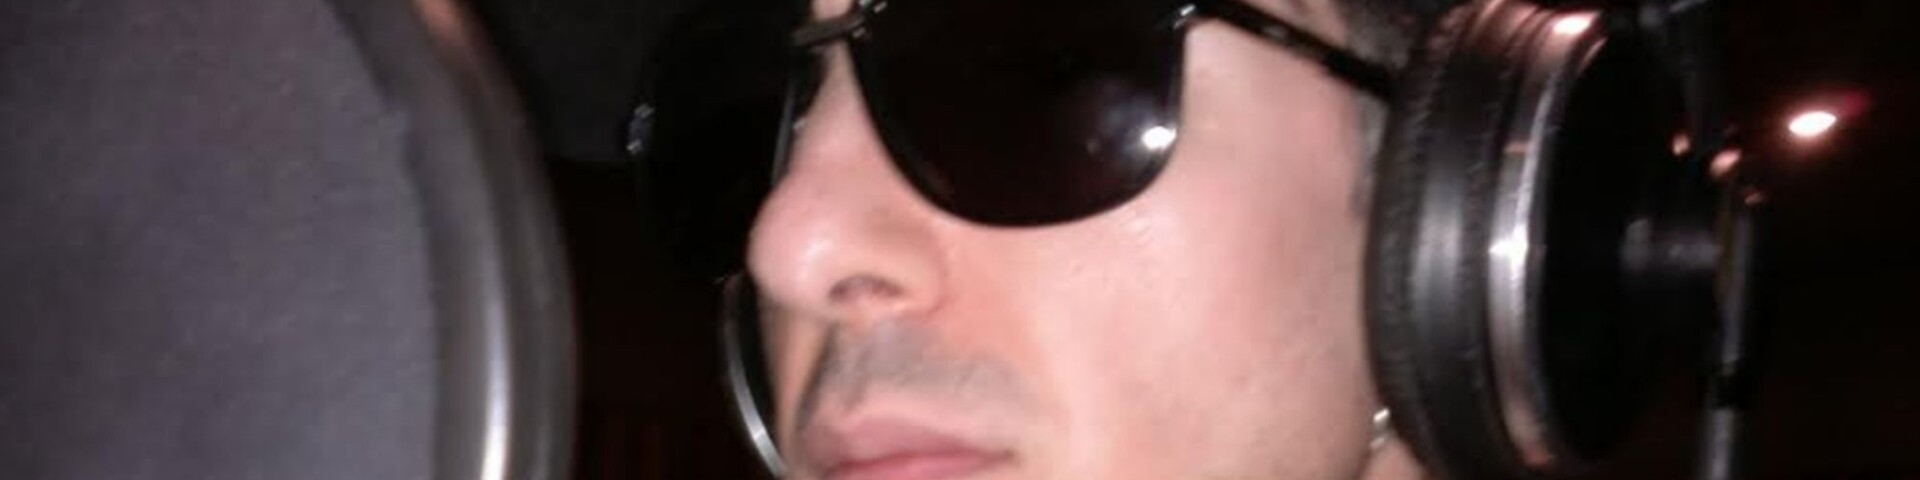 Francesco Serra: oltre 10 milioni di view su Youtube